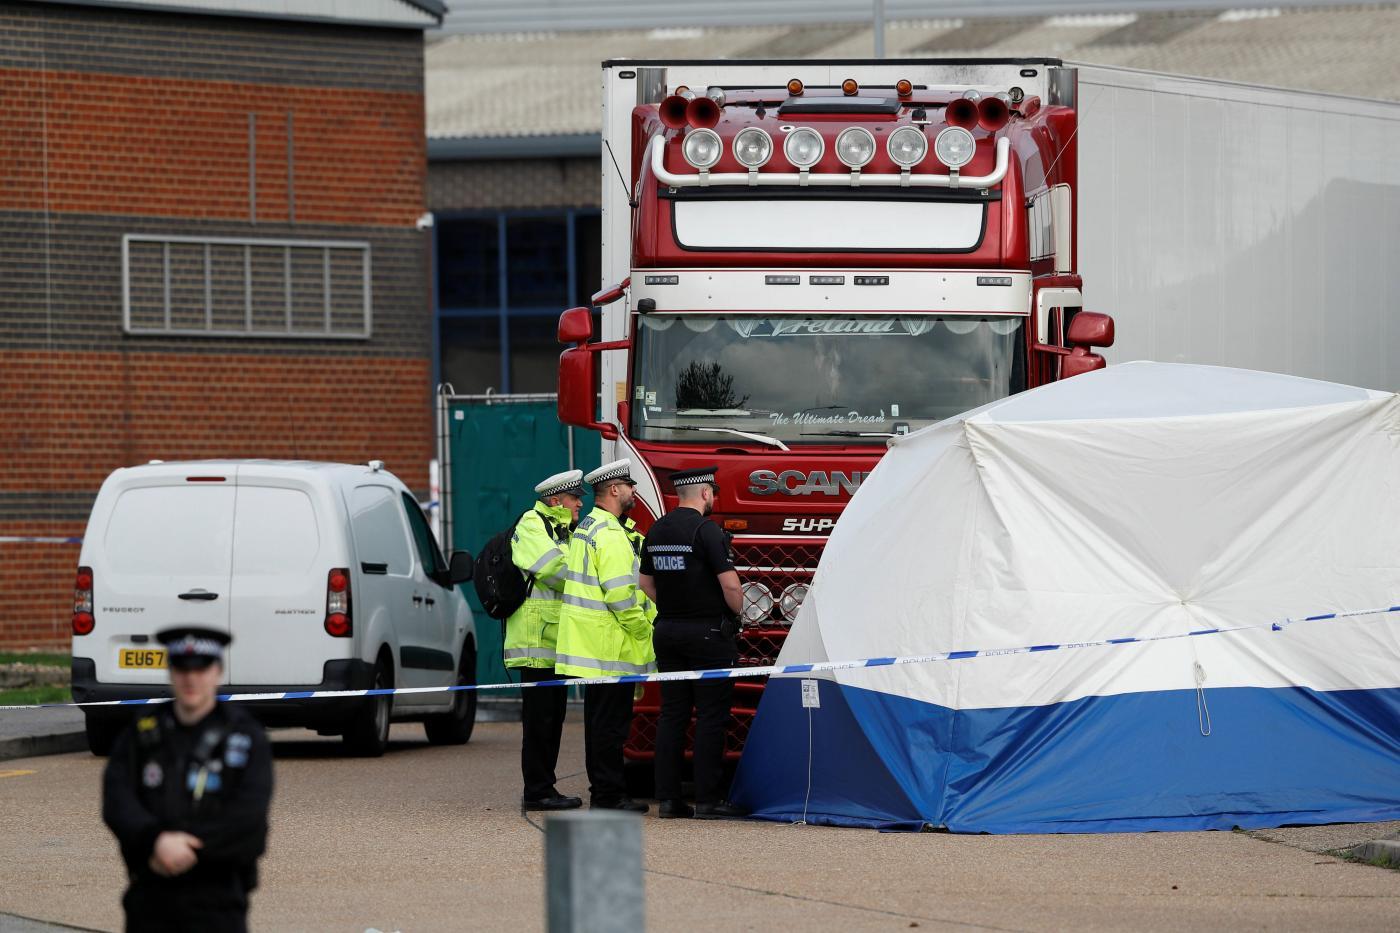 الشاحنة التي عُثر بداخلها على 39 جثة مجهولة الهوية شرقي لندن